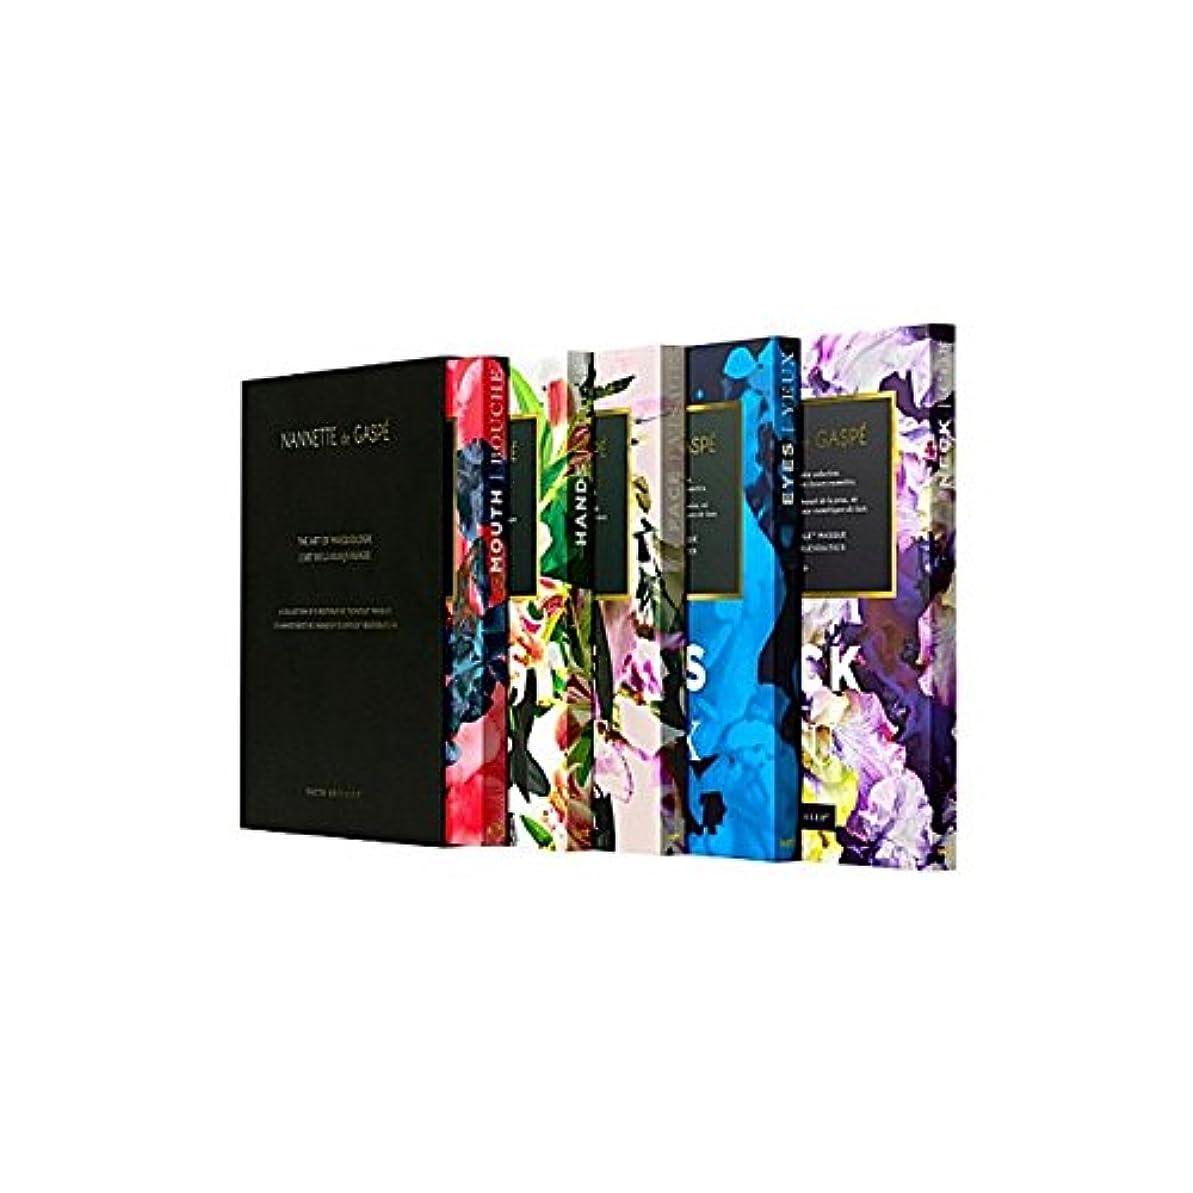 フェロー諸島明示的に農夫デガスペ修復仮面劇コフレ x4 - Nannette De Gaspe Restorative Techstile Masque Coffret (Pack of 4) [並行輸入品]